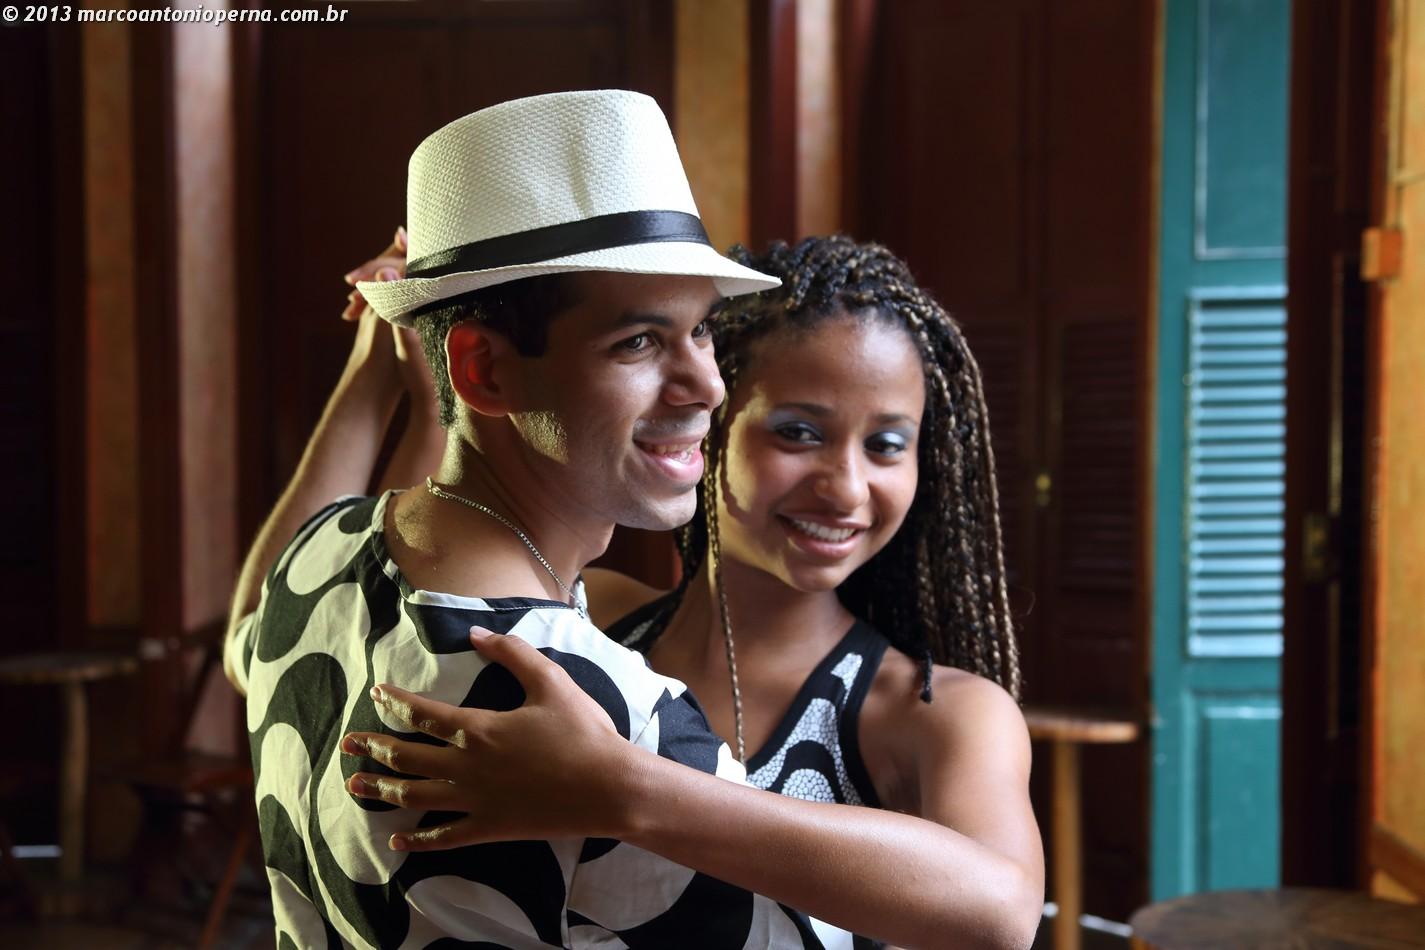 Samba de Gafieira - Modelos: David Theodor e Aline Marques